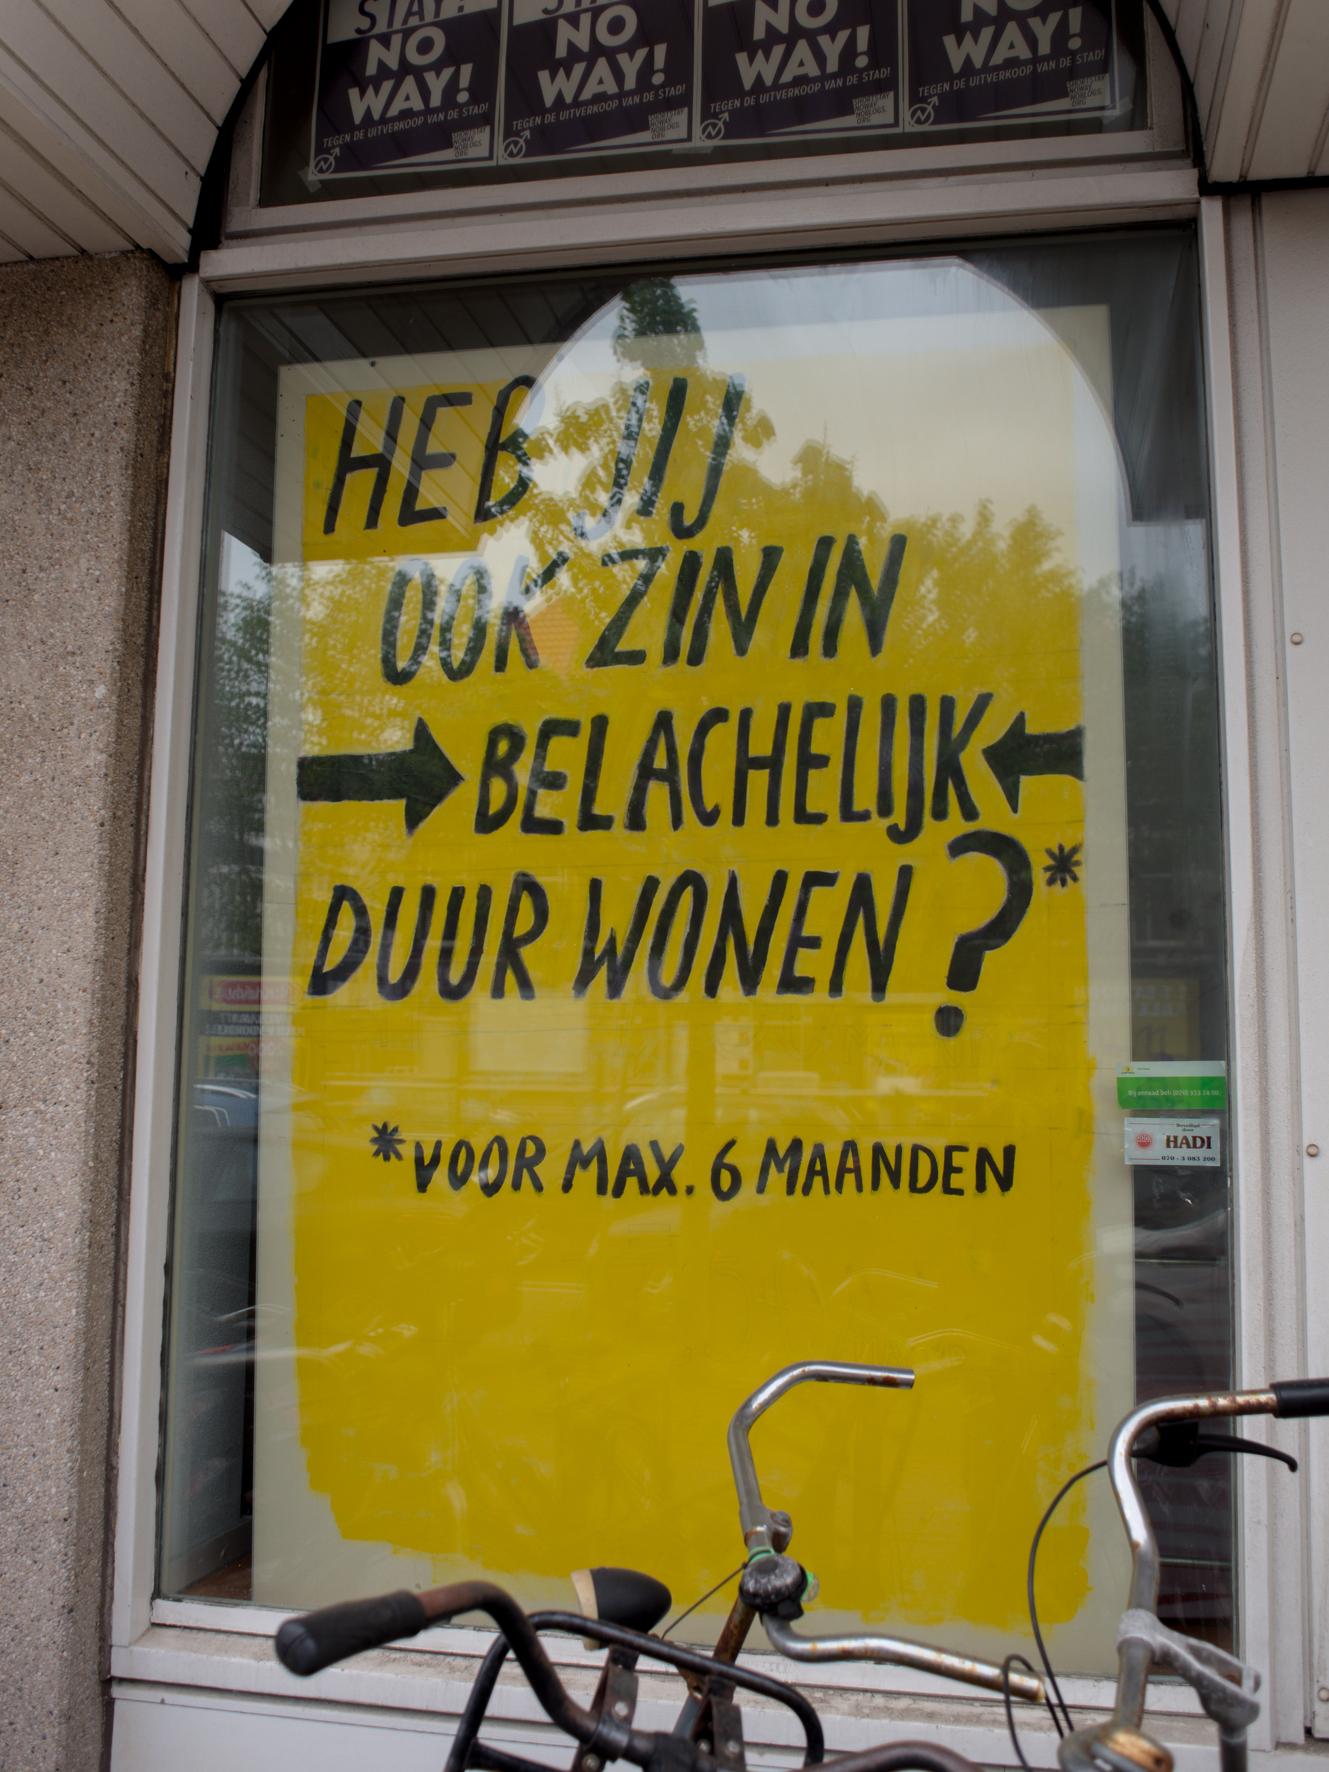 Je ziet een raam, erachter is een geel bord waar in grote letter erop staat: Heb jij ook zin in belachelijk duur wonen?* *voor max. 6 maanden?